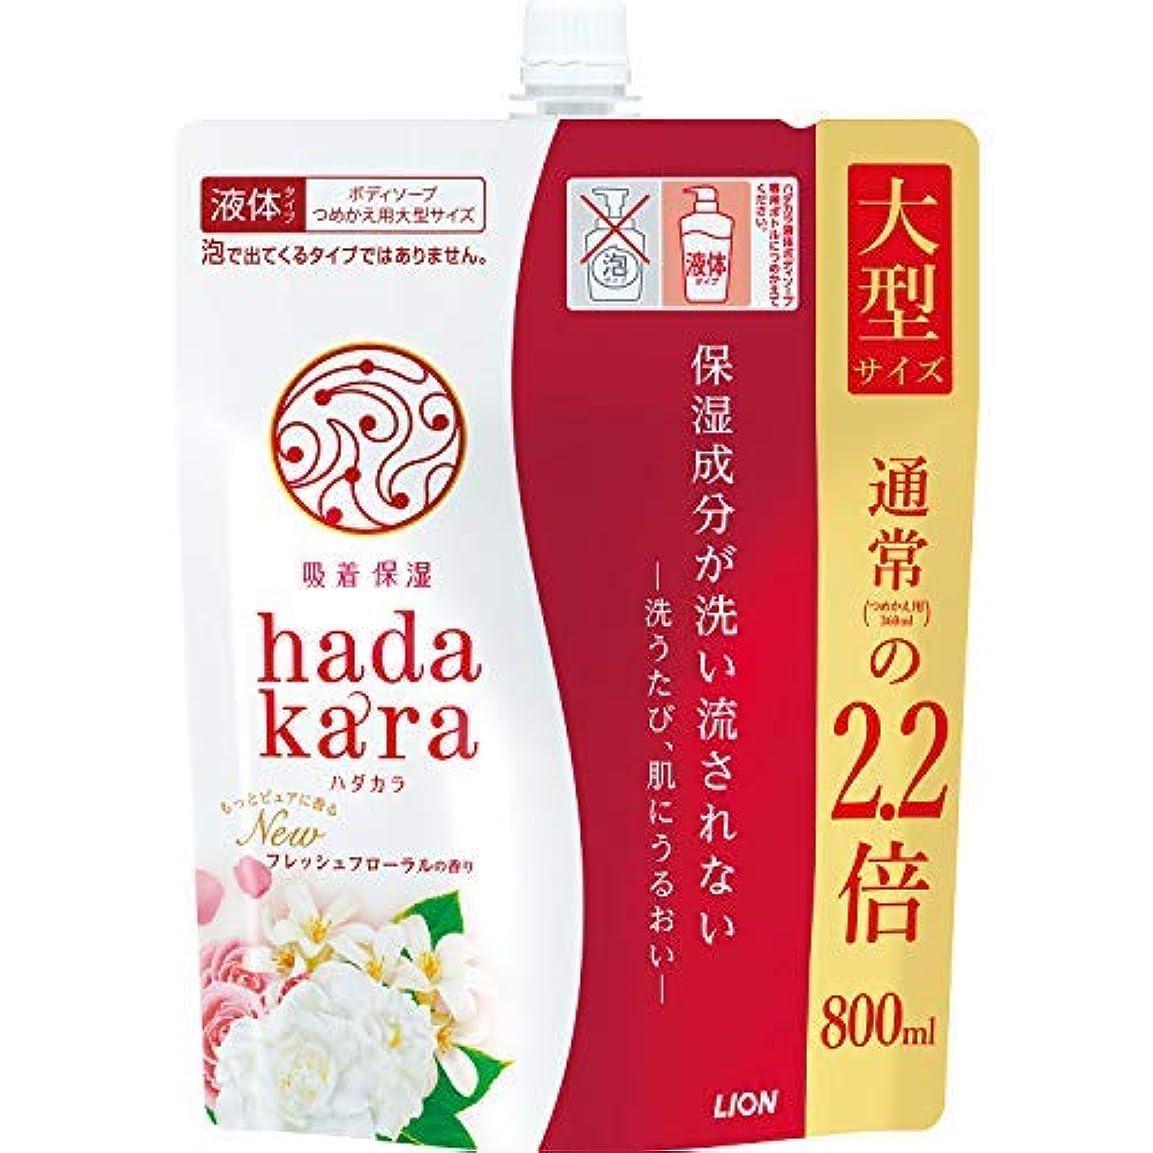 独裁者取り替えるコレクションhadakara(ハダカラ)ボディソープ フレッシュフローラルの香り 詰替え用 大型サイズ 800ml × 5個セット